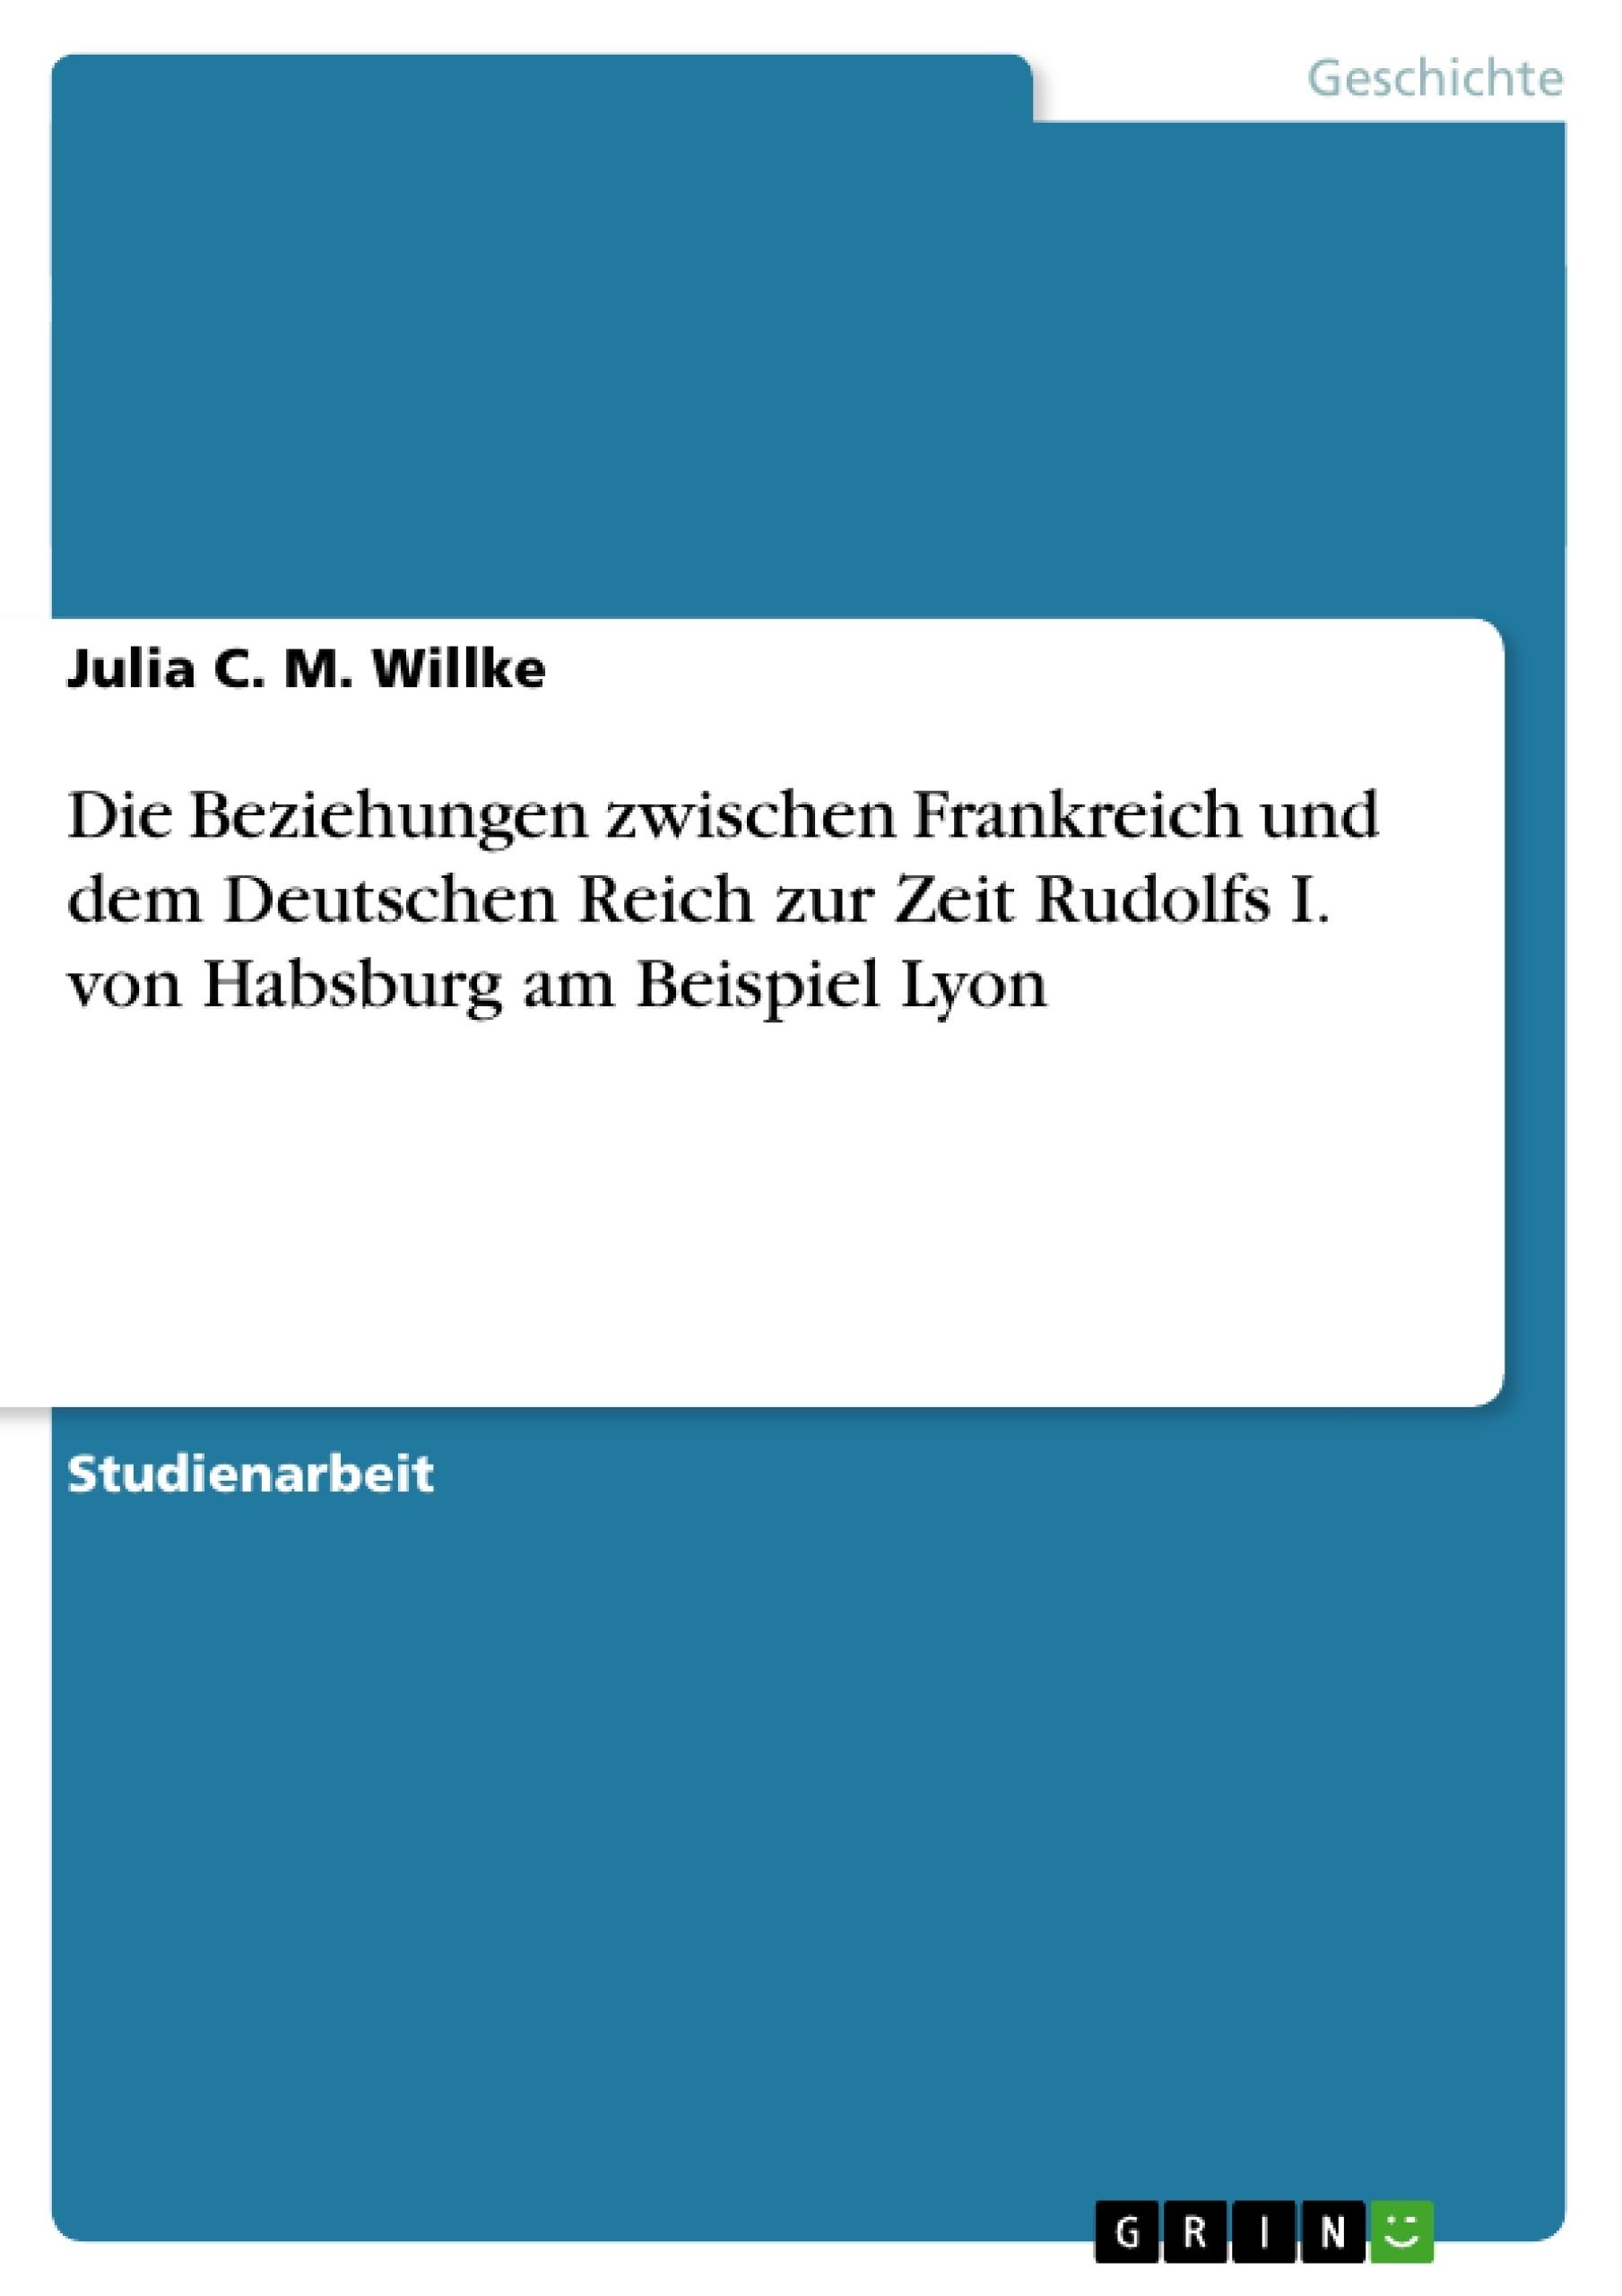 Titel: Die Beziehungen zwischen Frankreich und dem Deutschen Reich zur Zeit Rudolfs I. von Habsburg am Beispiel Lyon